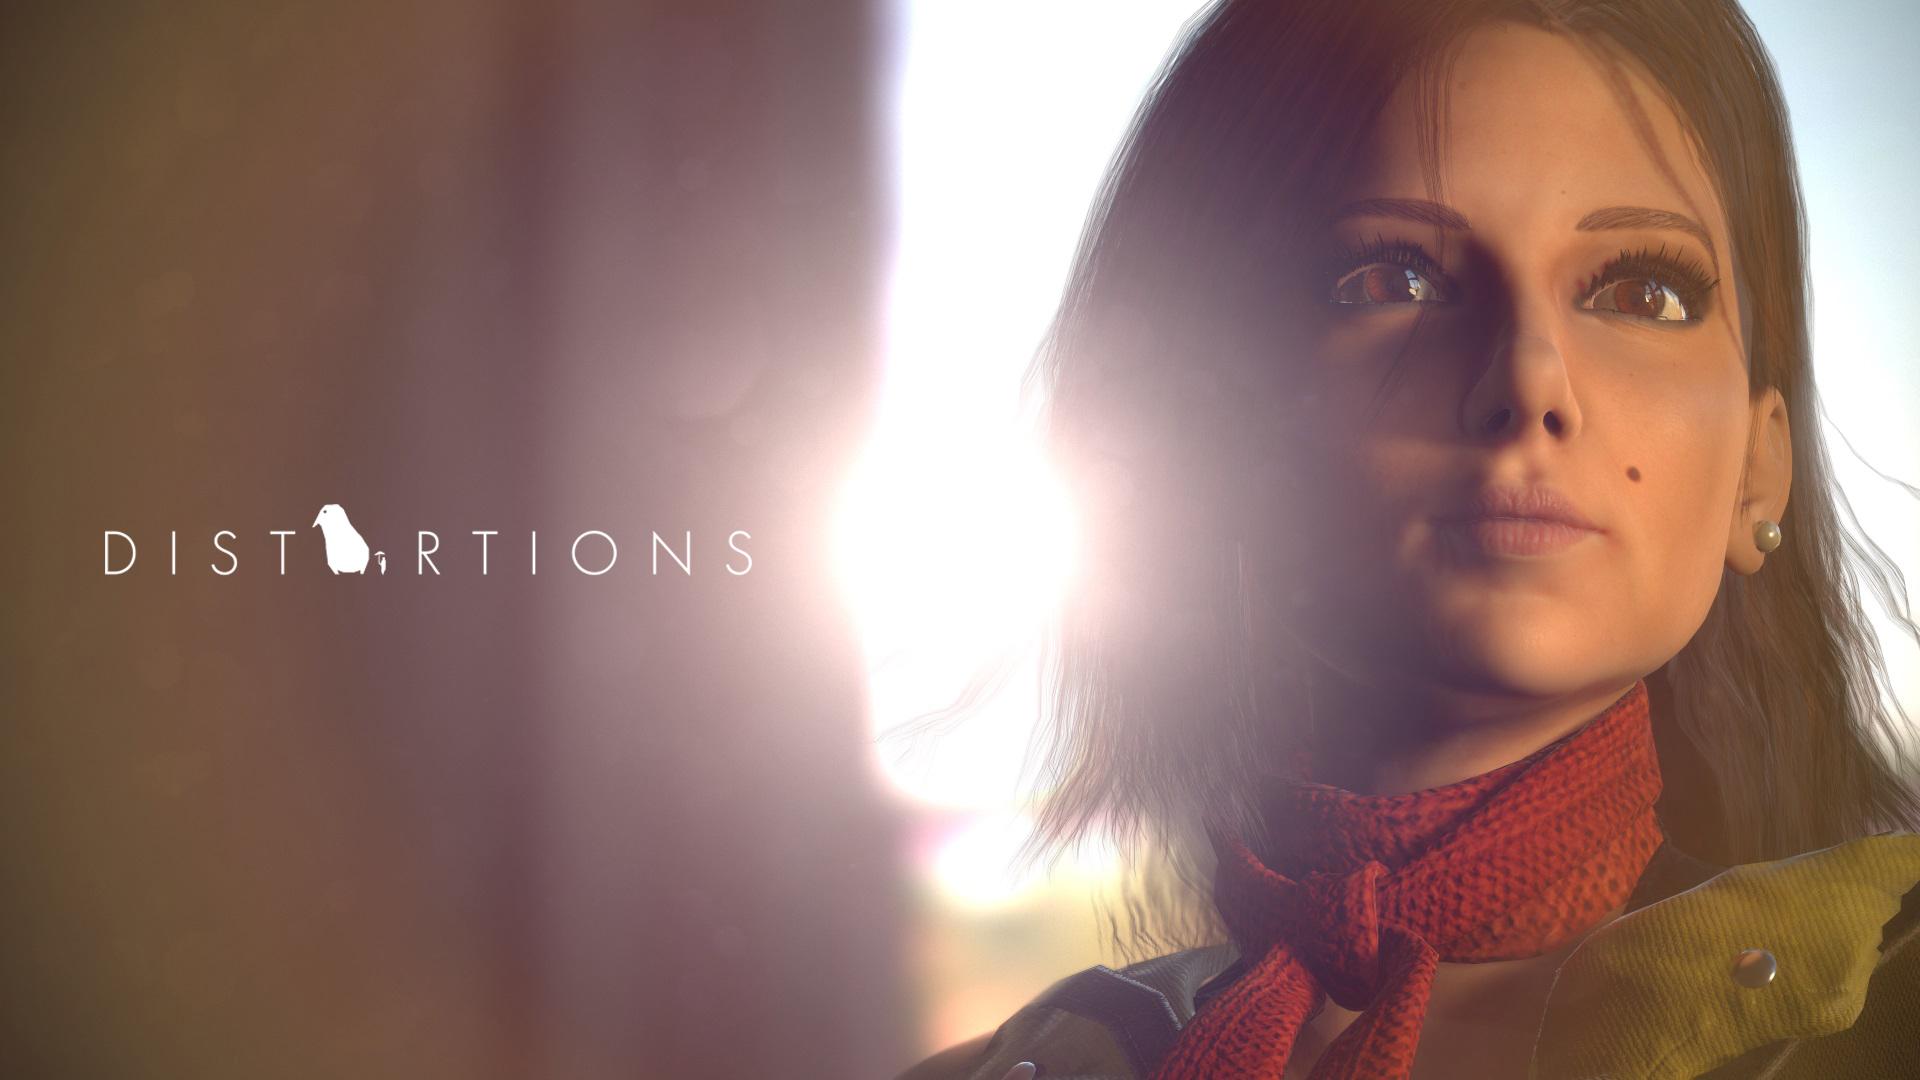 Distortions: uma jornada sobre superar o passado e seguir em frente